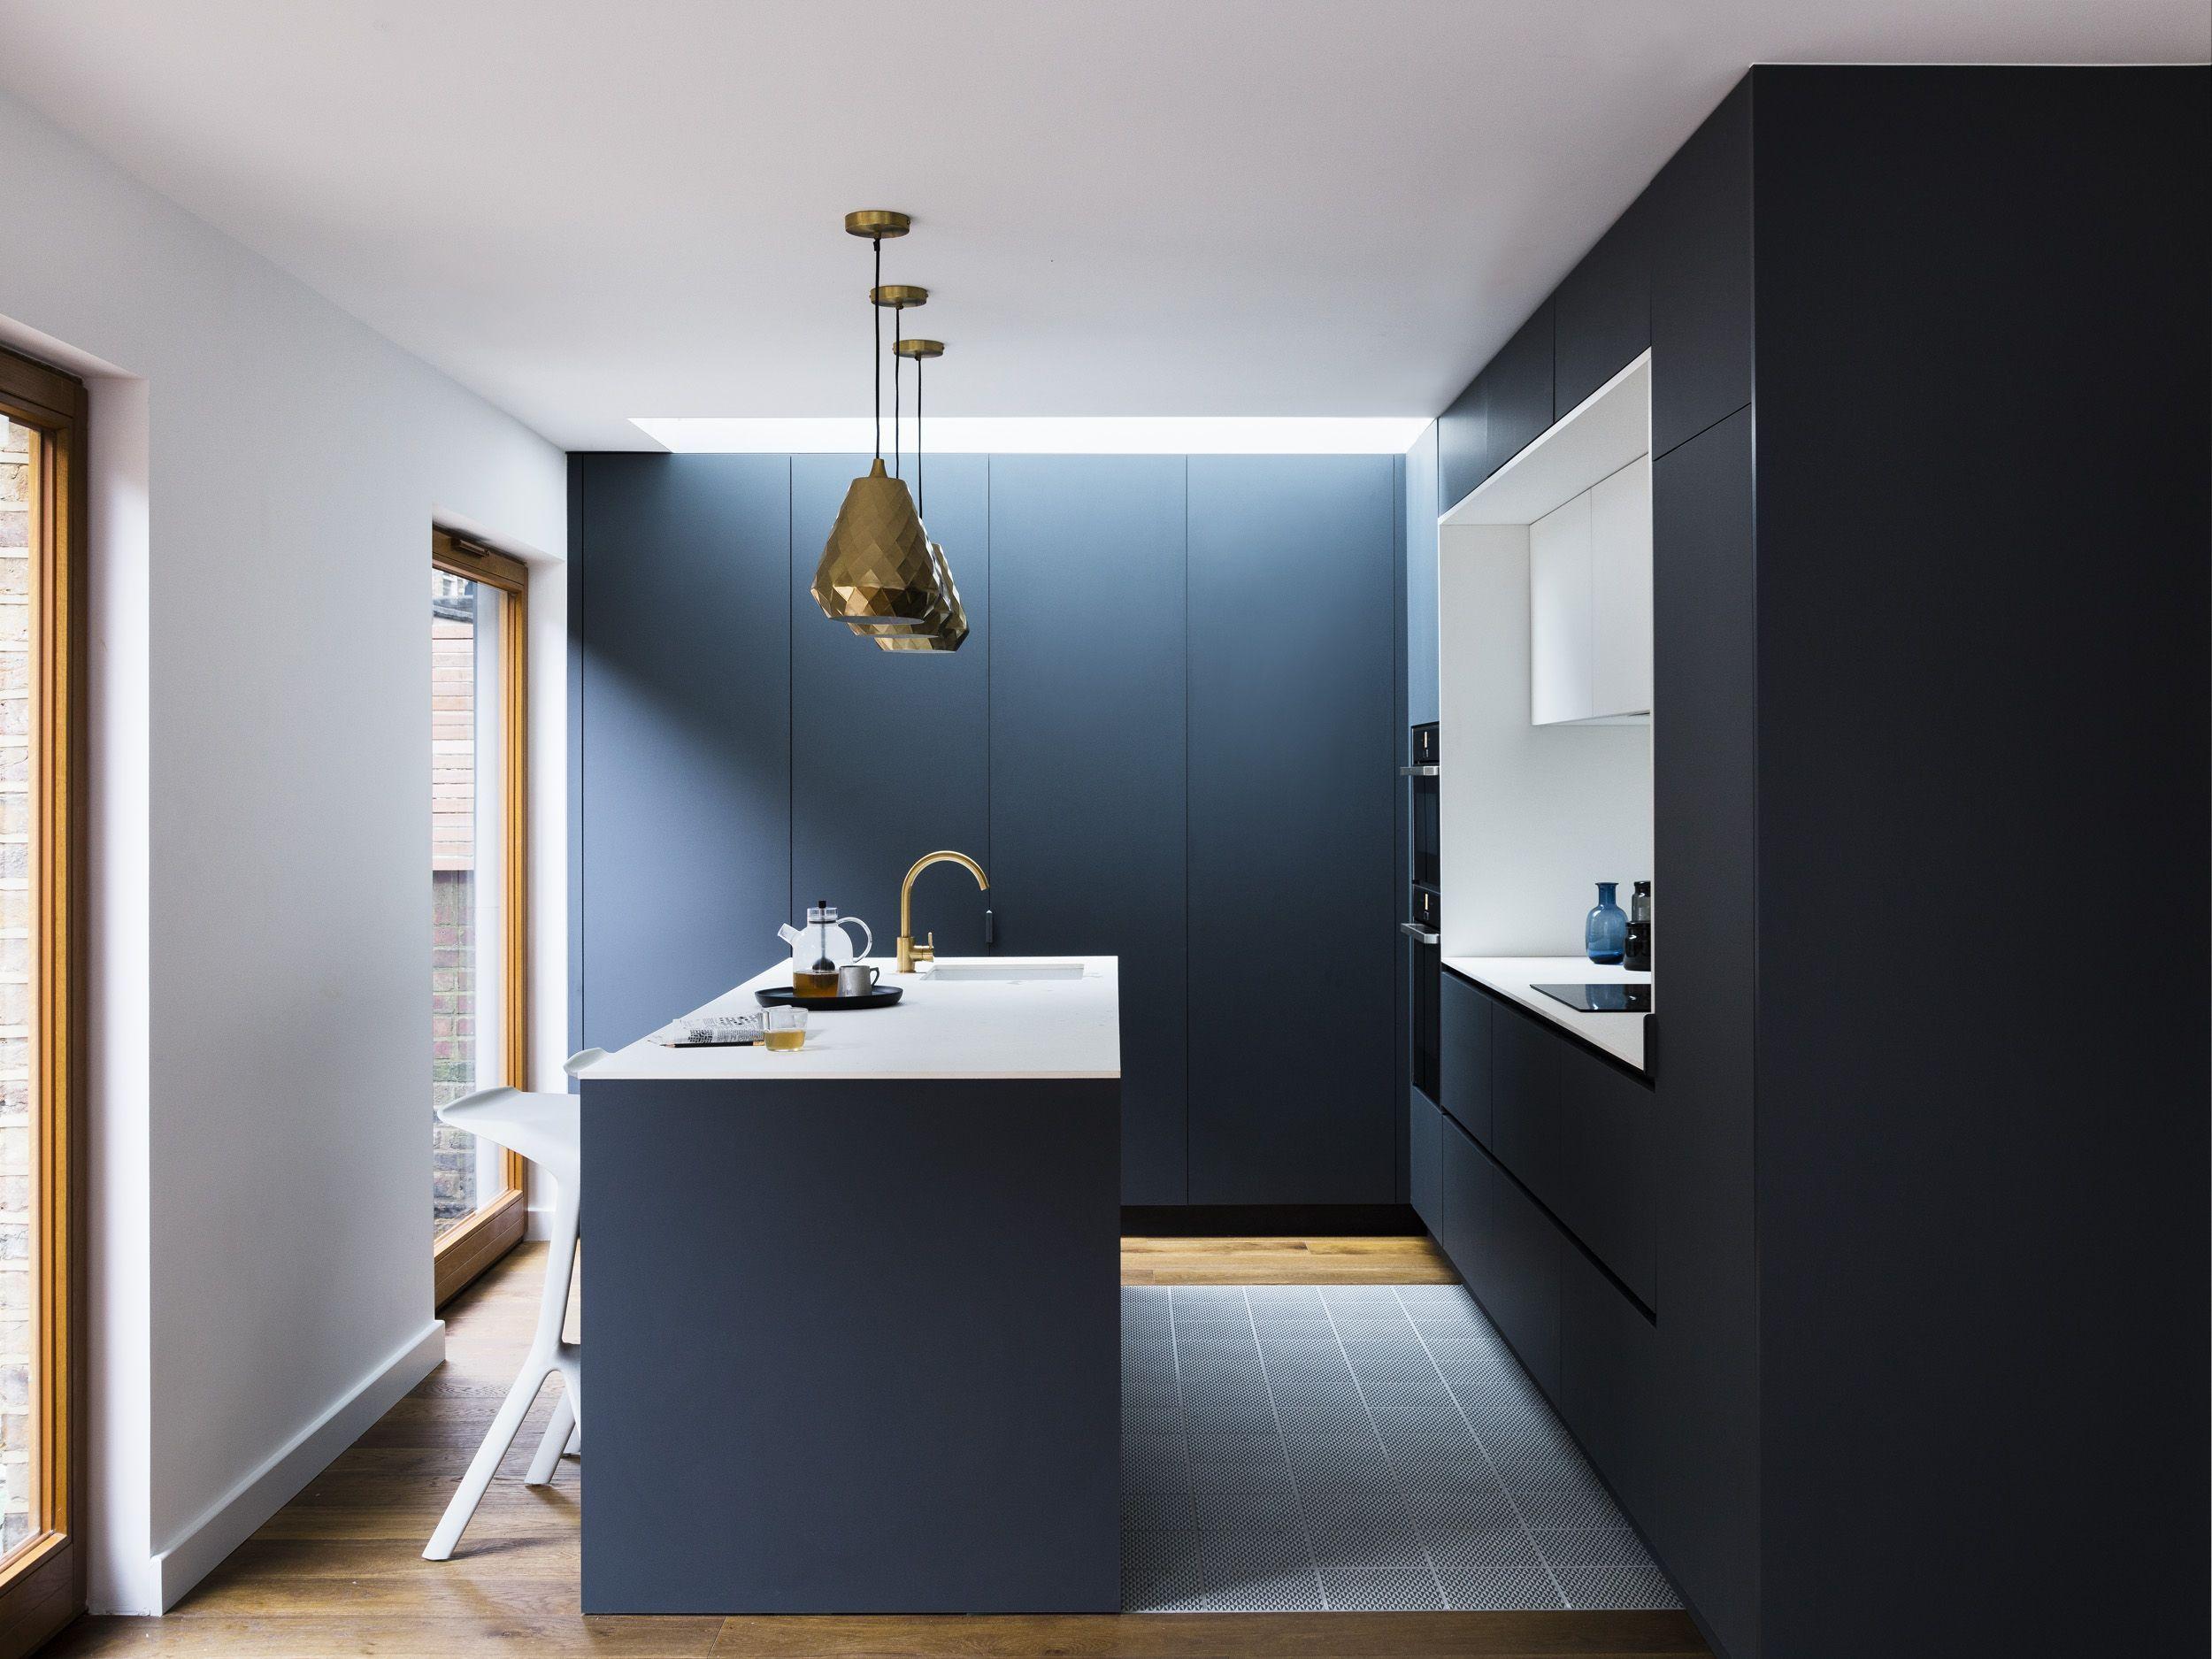 Beste Mobile Kücheninsel Zeitgenössisch - Schönes Wohnungideen ...